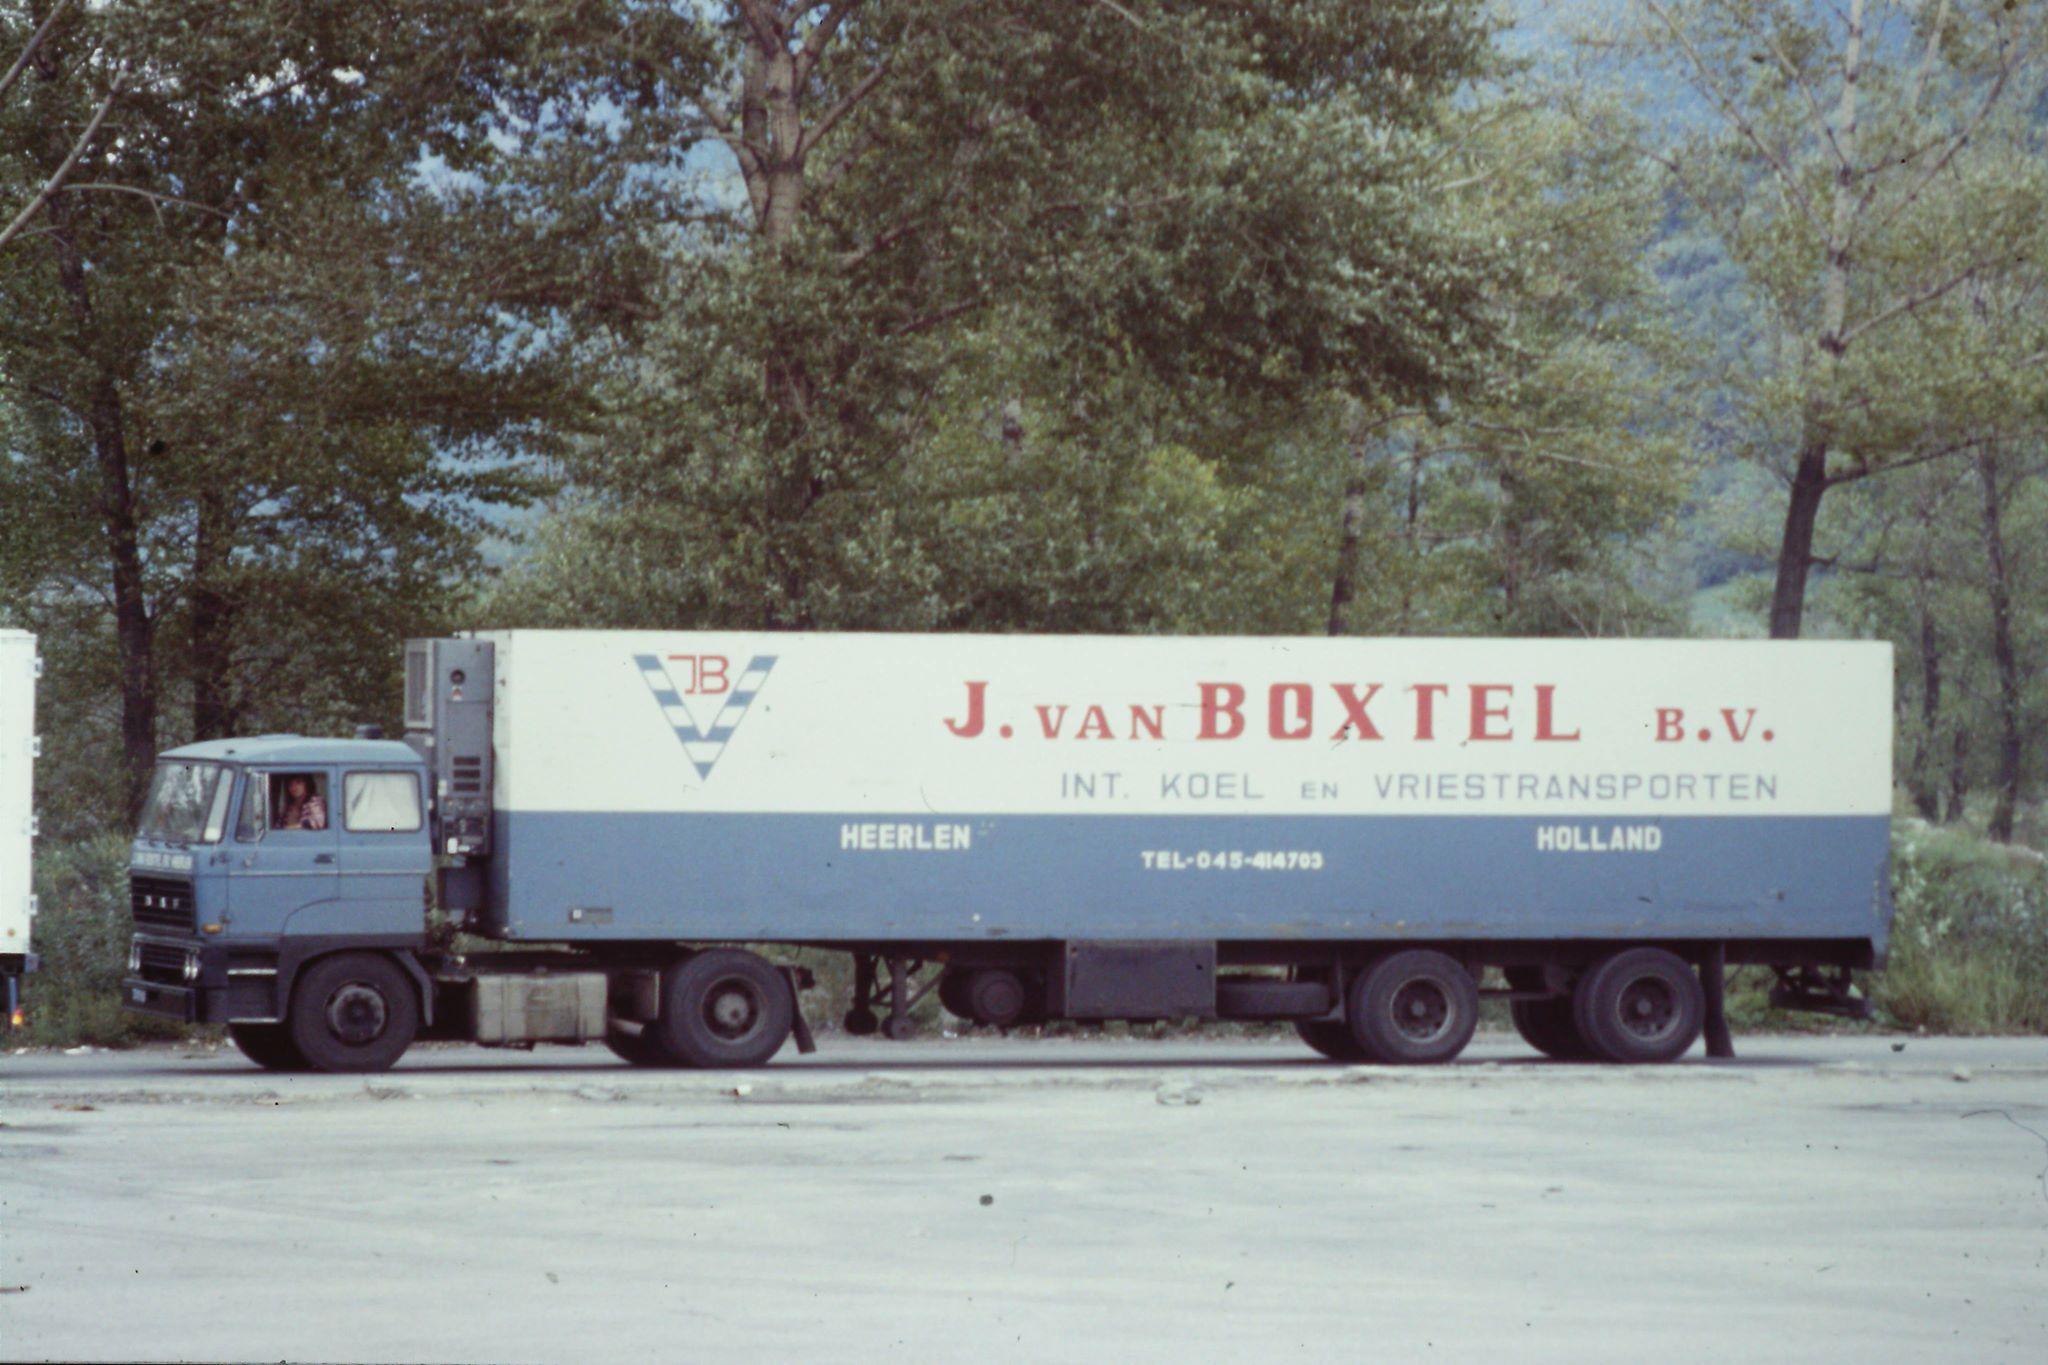 aosta-1981-met-chauffeur-Giel-Smits-archief-Paul-Bien--